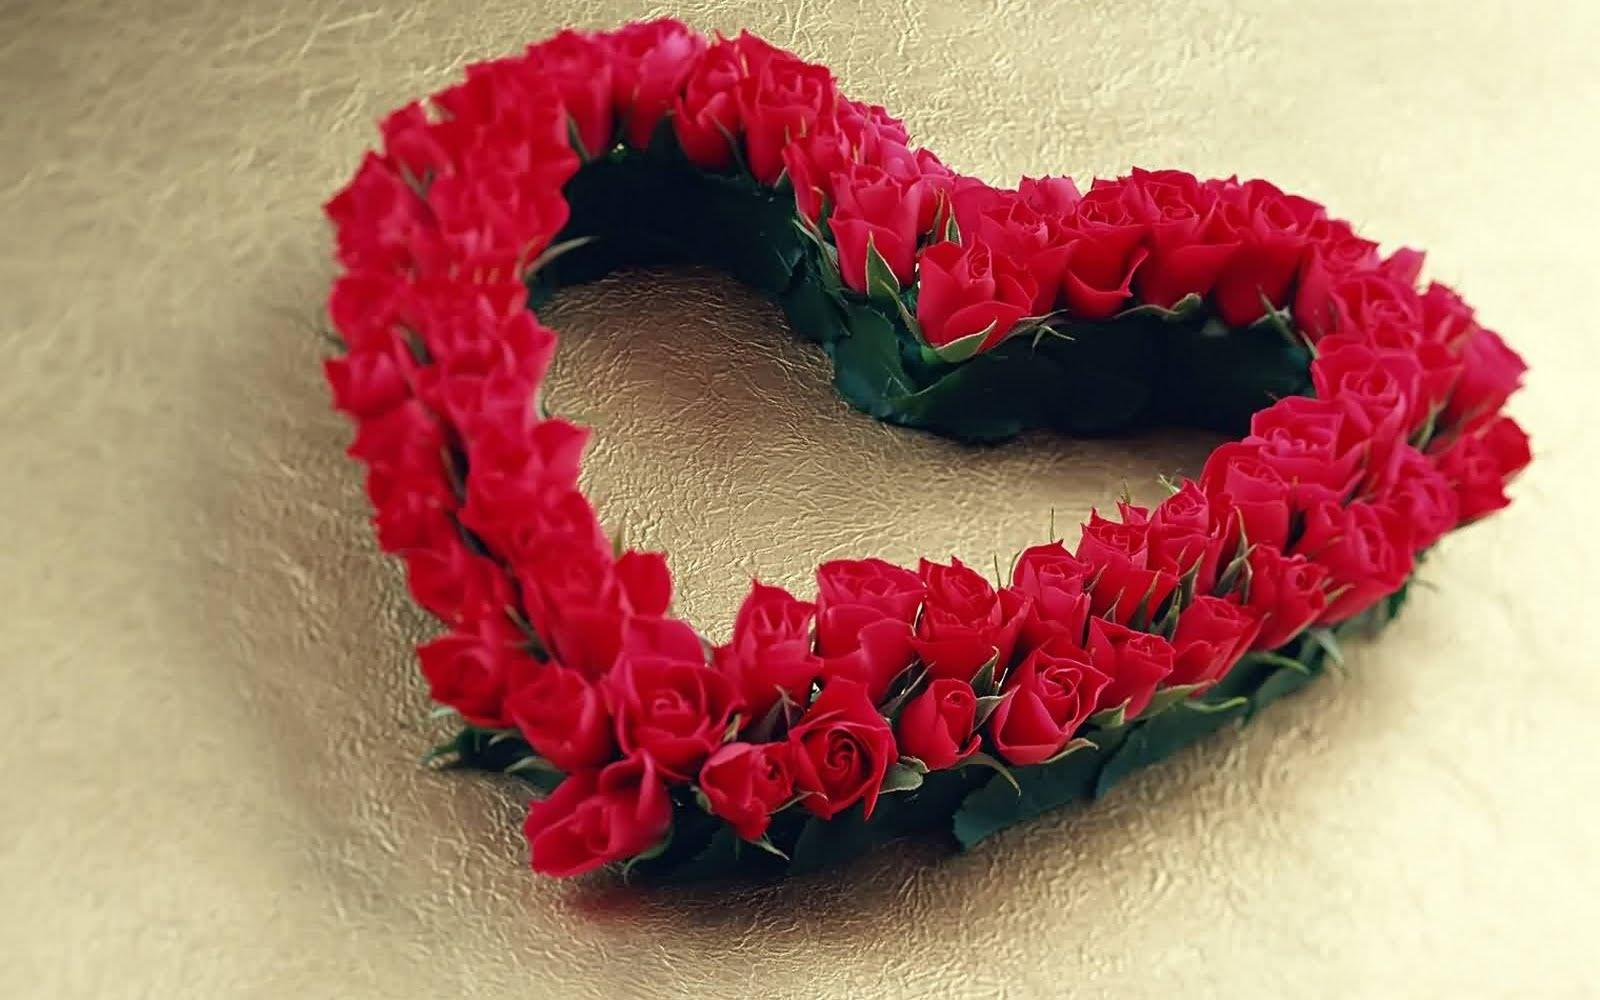 http://2.bp.blogspot.com/_3G4dg-GWVKI/SwZKyfVxnpI/AAAAAAAAECA/LxN1VXA9wXM/s1600/heart.jpg